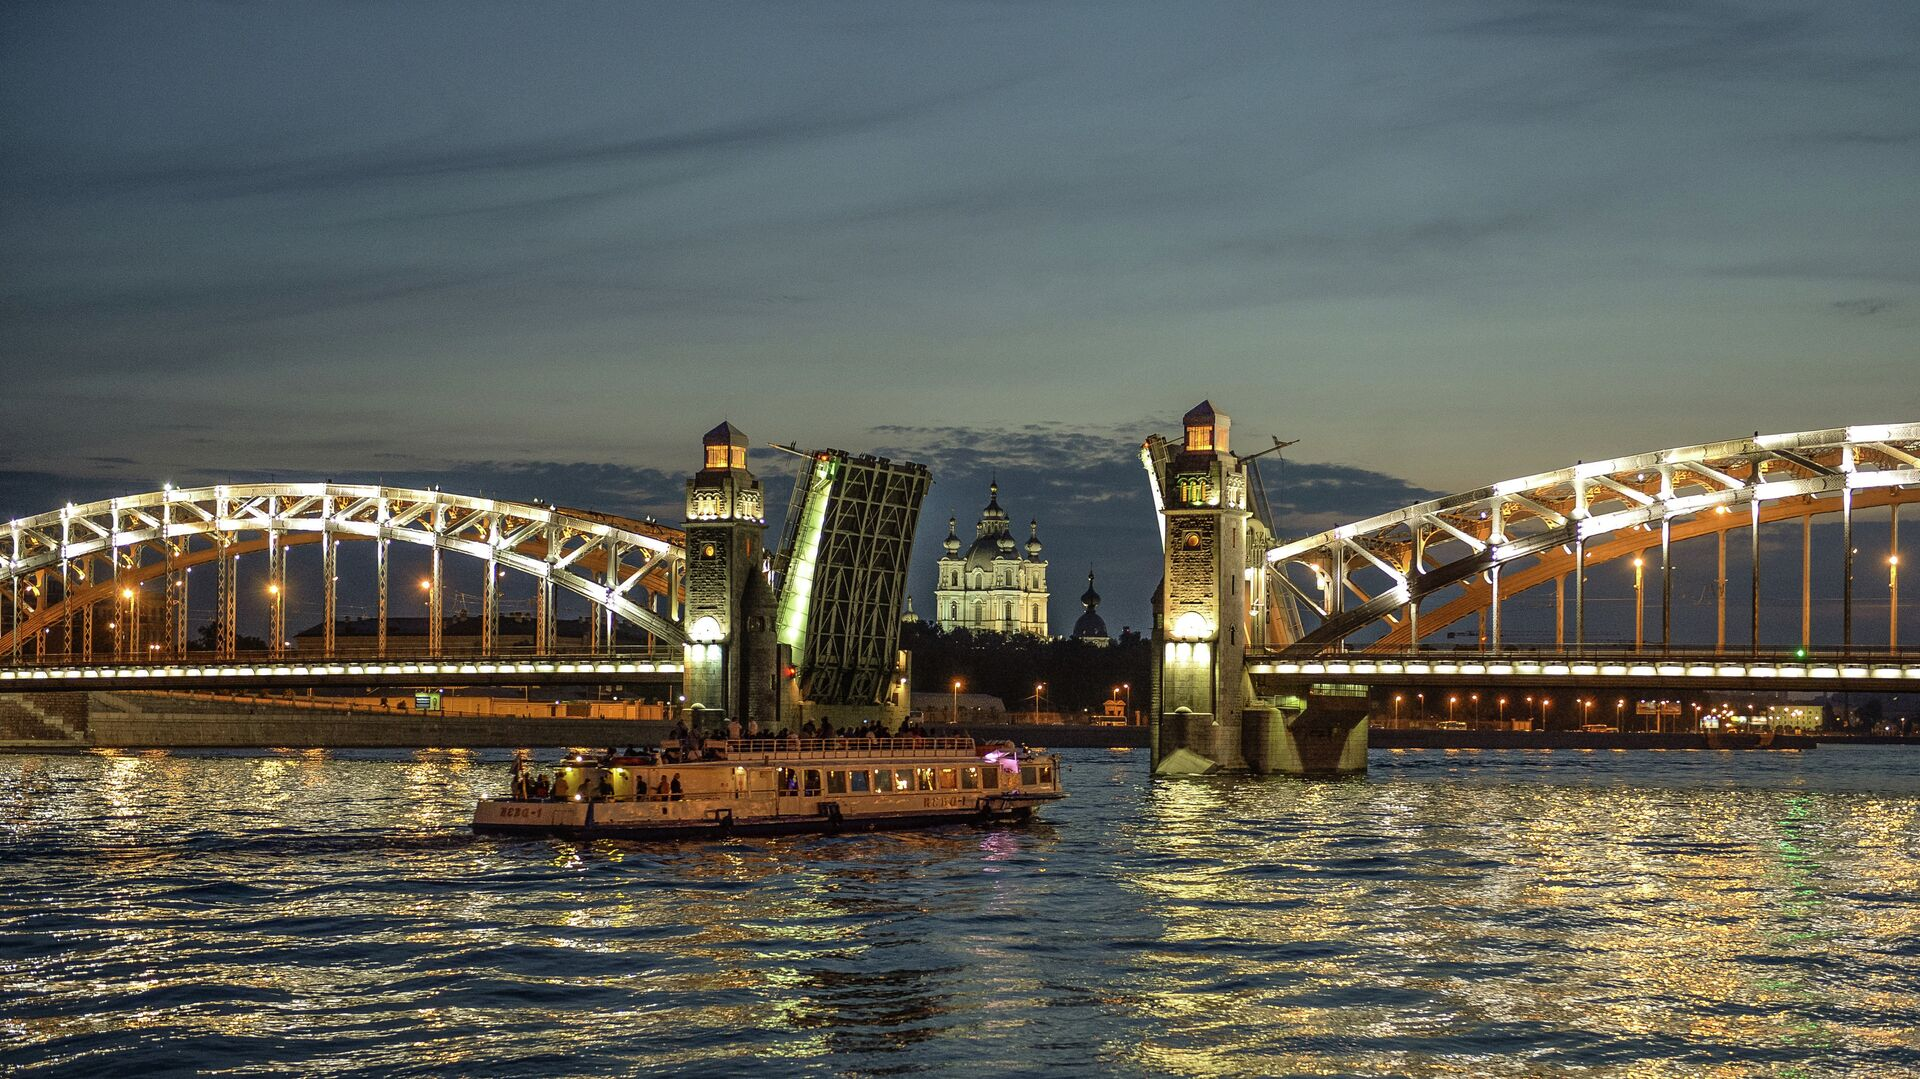 Разводка моста Петра Великого в Санкт-Петербурге - РИА Новости, 1920, 05.04.2021